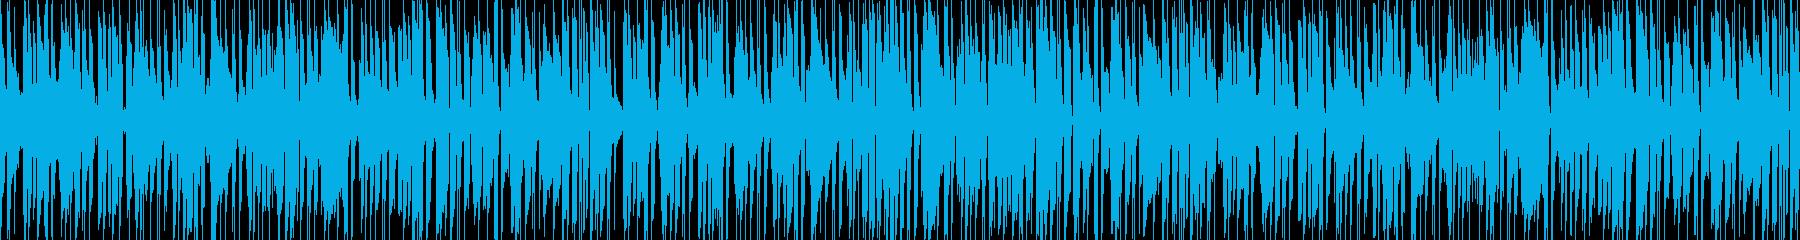 軽快でキャッチーなジャズピアノポップスの再生済みの波形